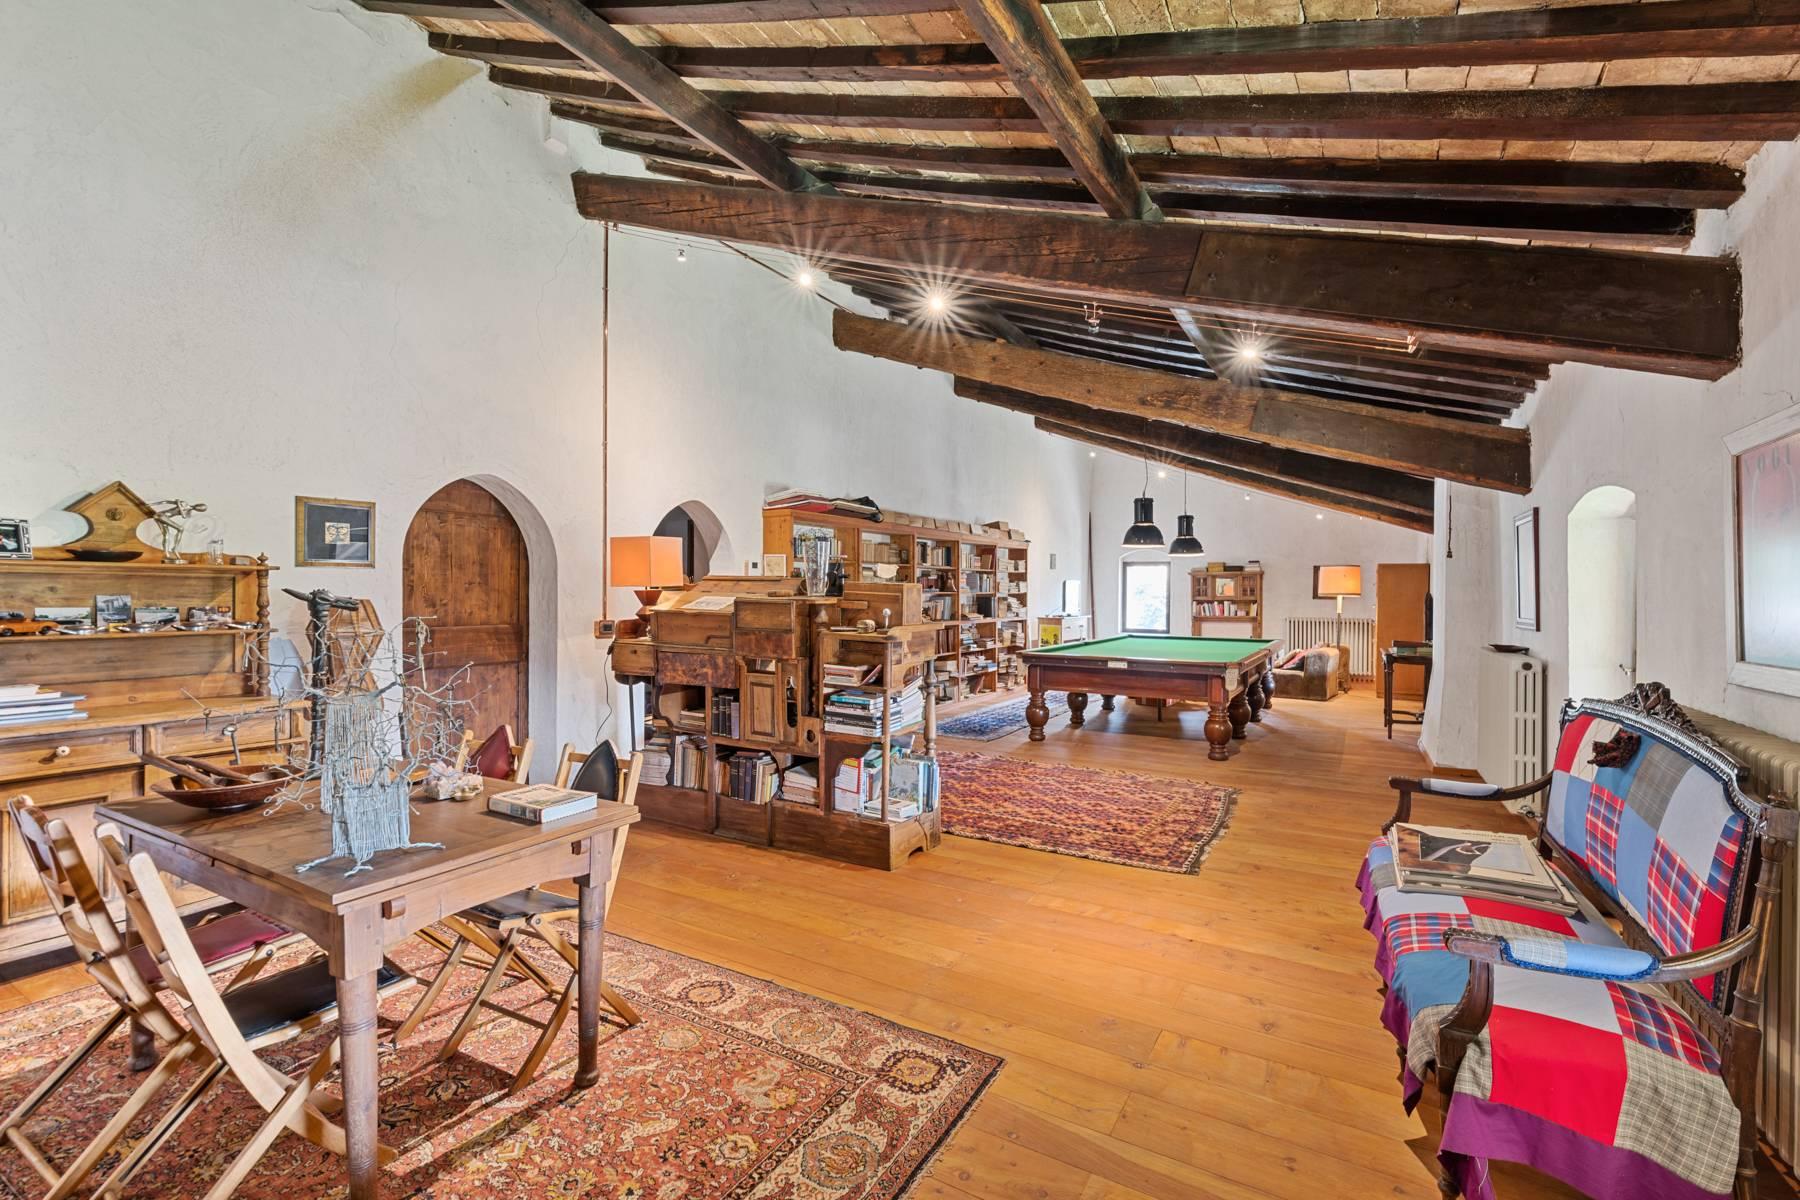 Rustico in Vendita a Caprino Veronese: 5 locali, 770 mq - Foto 20